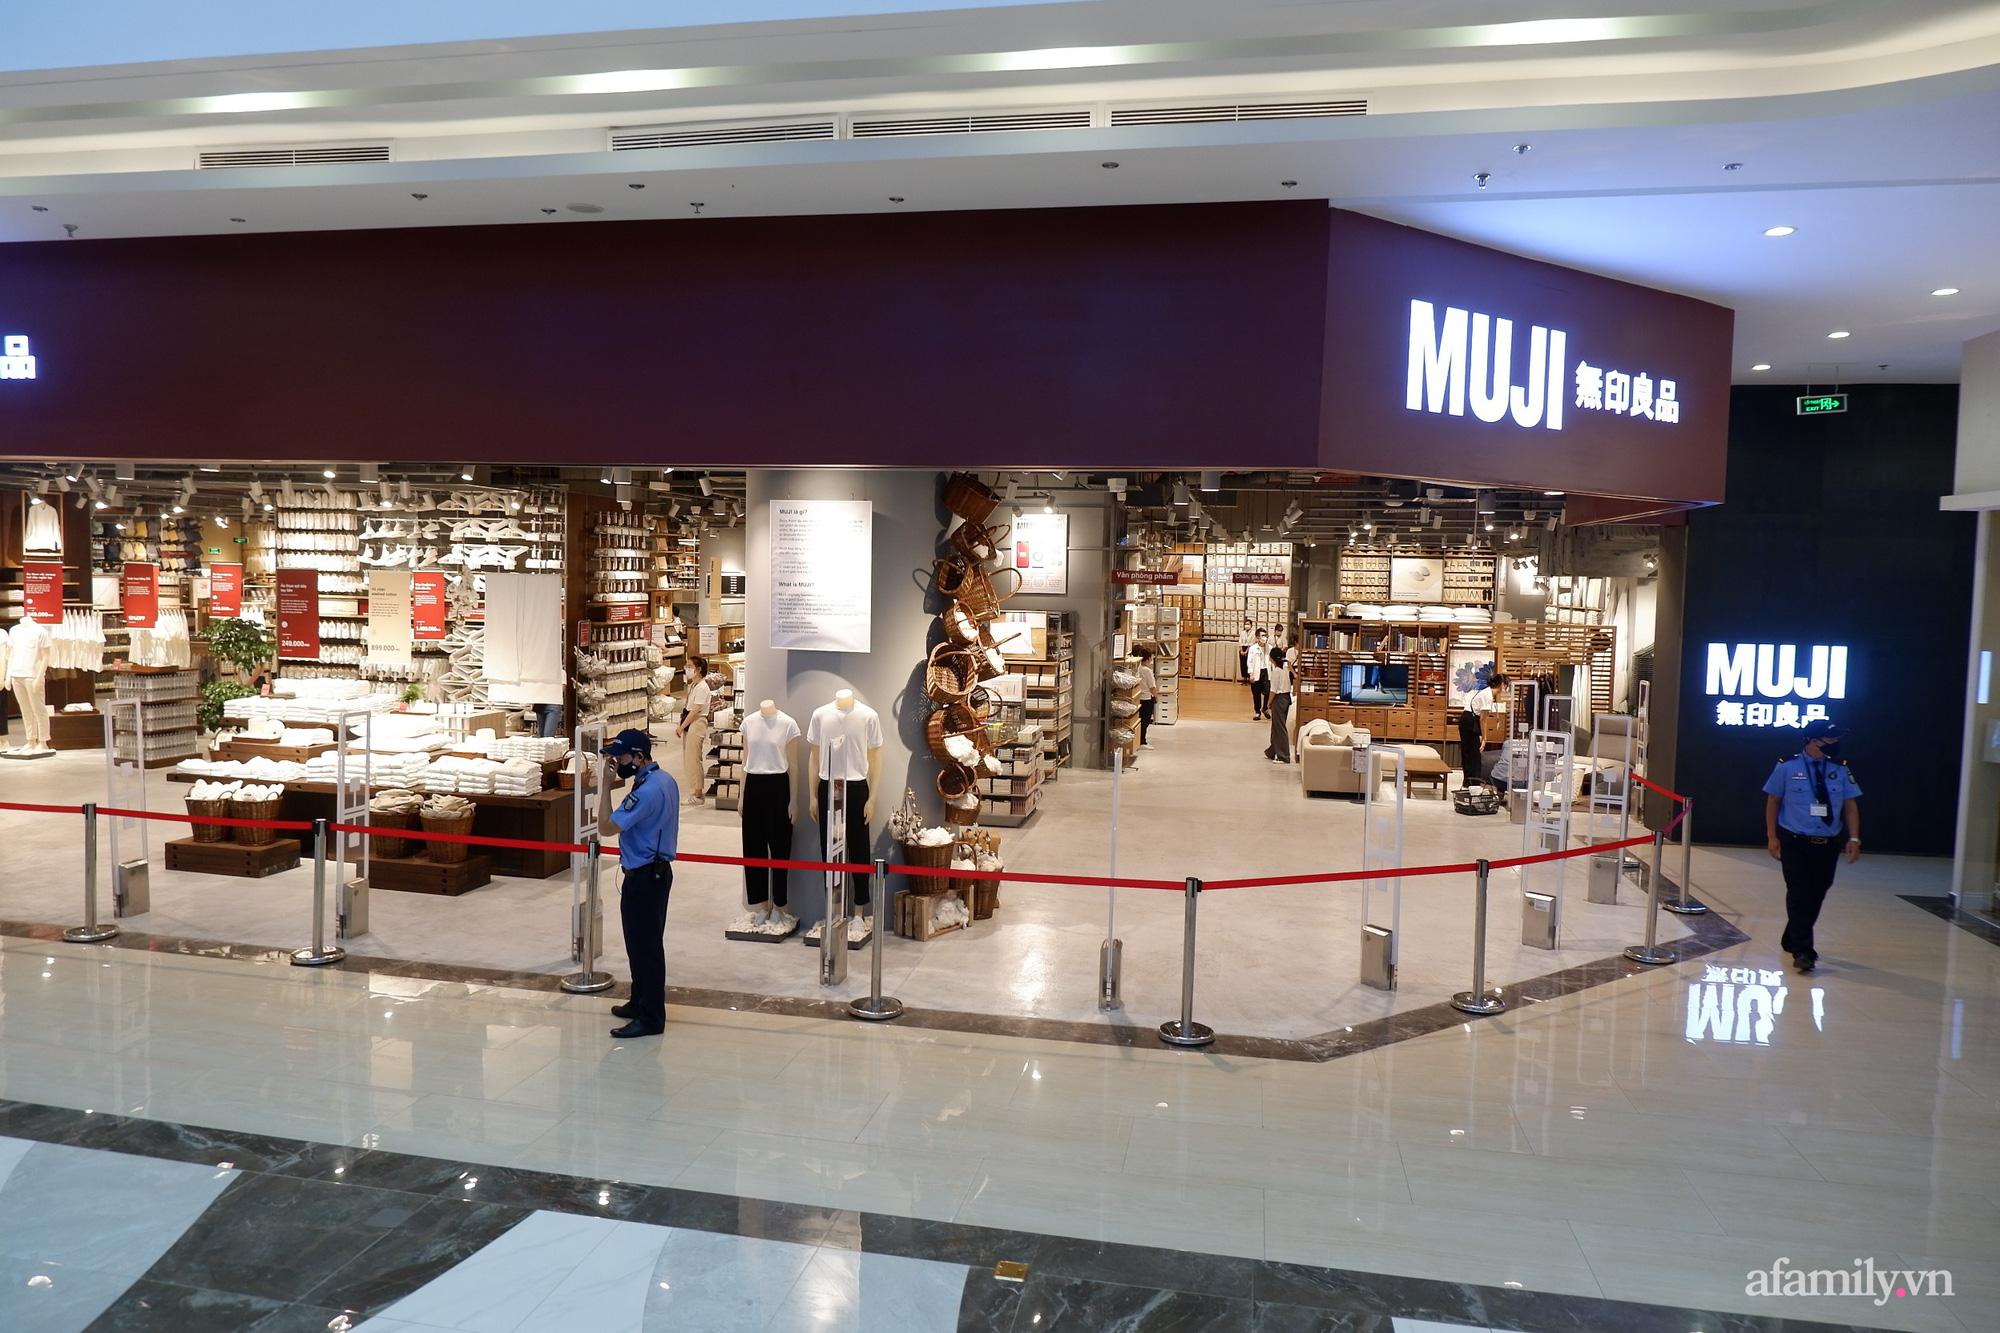 Cận cảnh store MUJI Hà Nội trước ngày khai trương với loạt đồ xinh hết nấc - Ảnh 1.